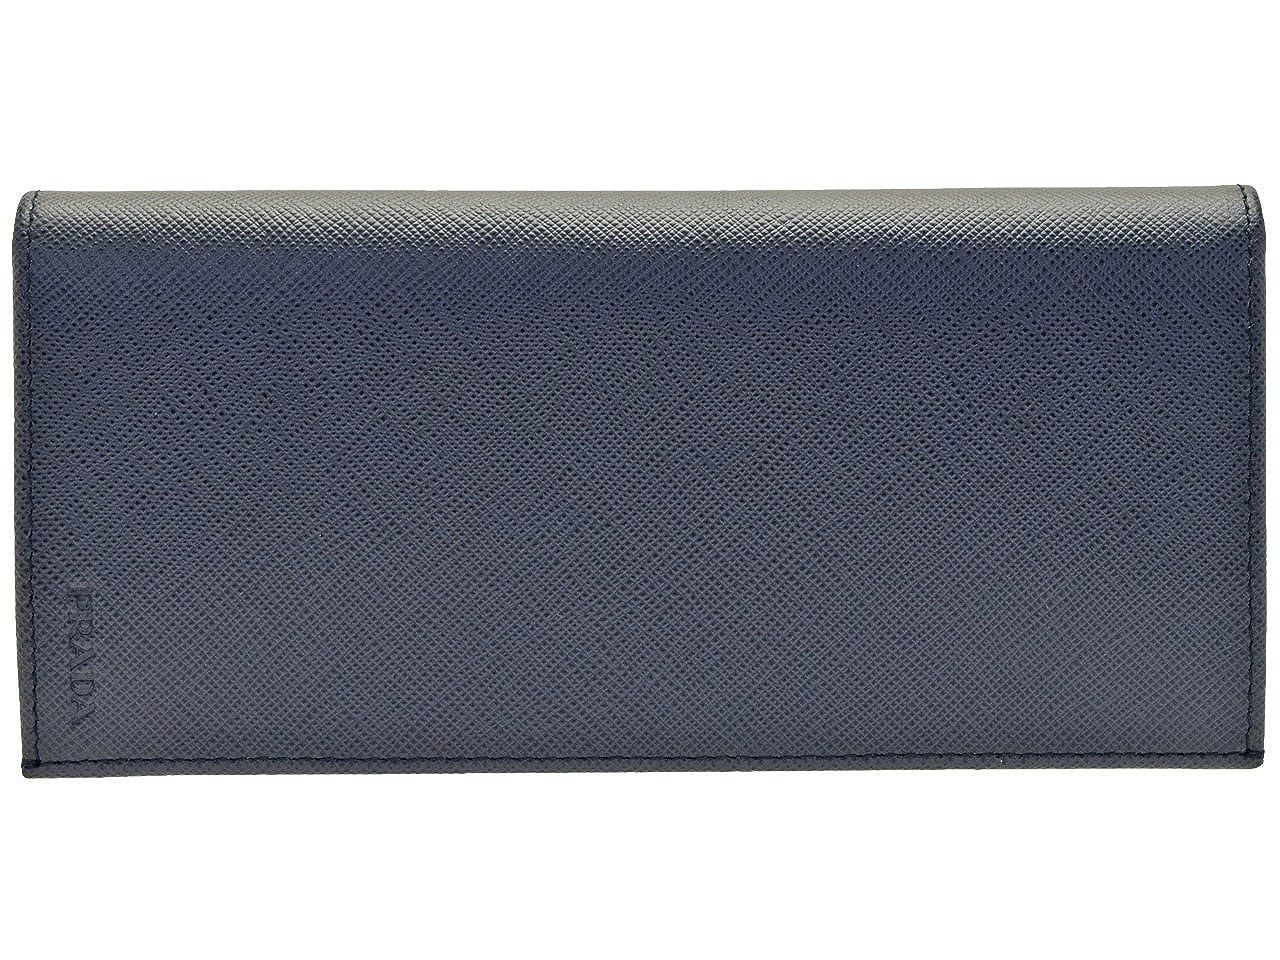 (プラダ) PRADA 財布 長財布 二つ折り メンズ レザー 2MV836 [並行輸入品] B07FZS7RSB ネイビー